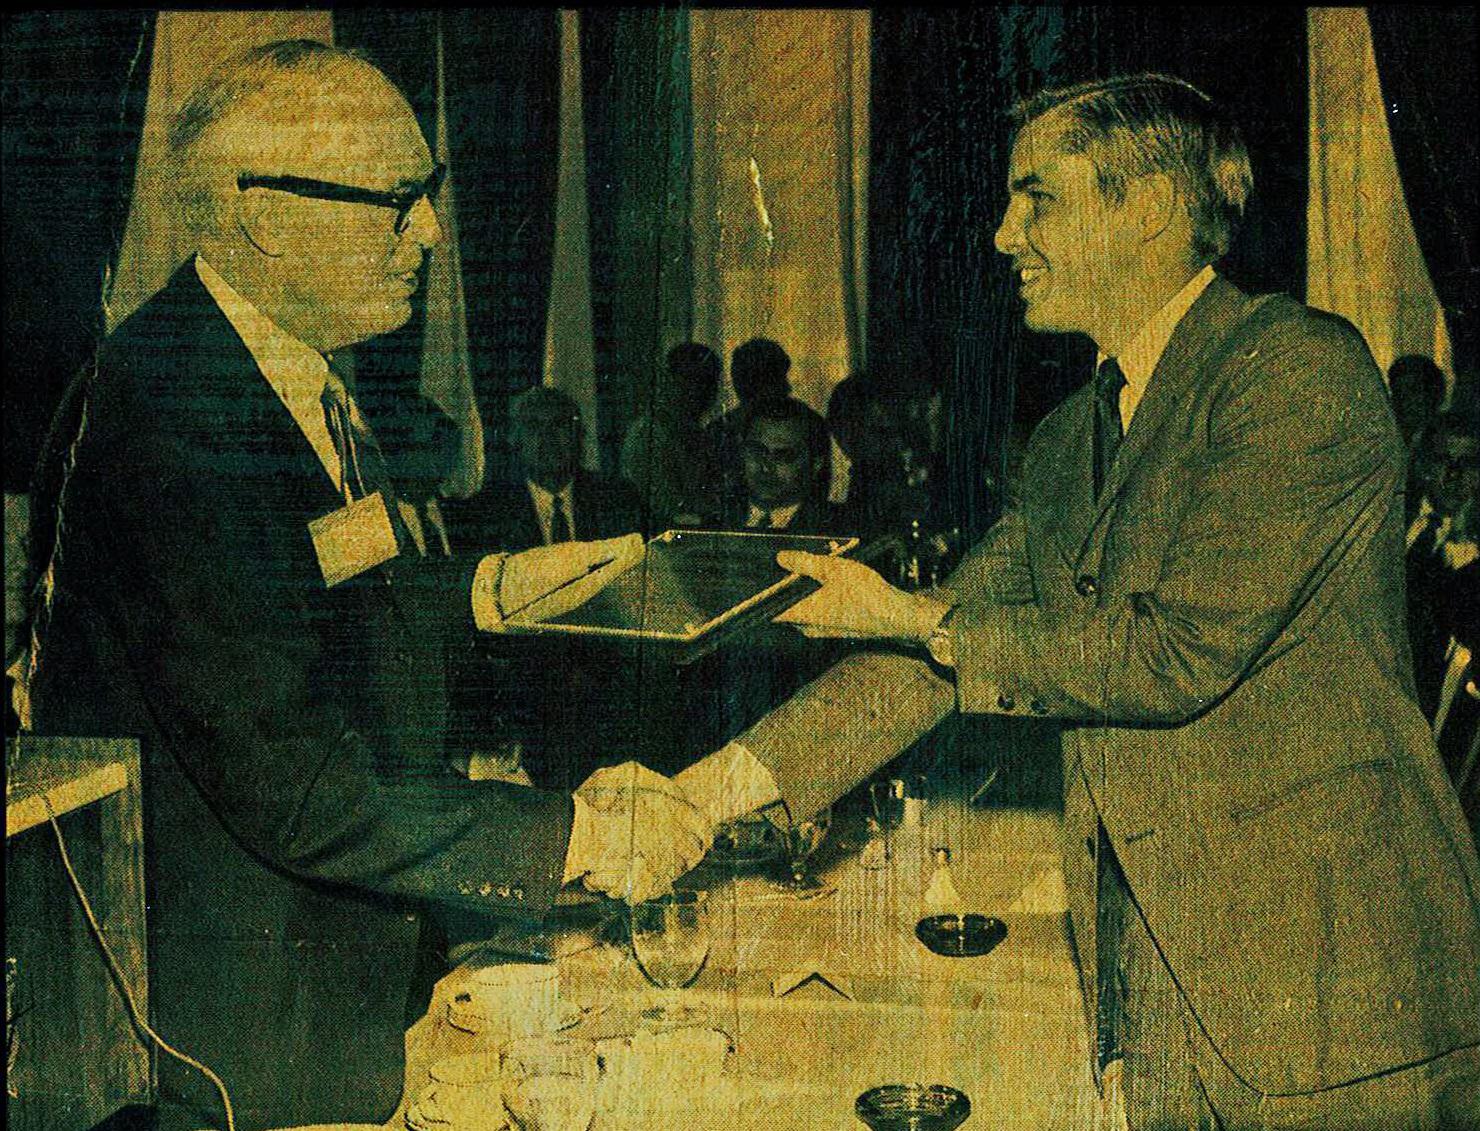 Douglas Schmidt receiving Award of Merit from American Bar Association.